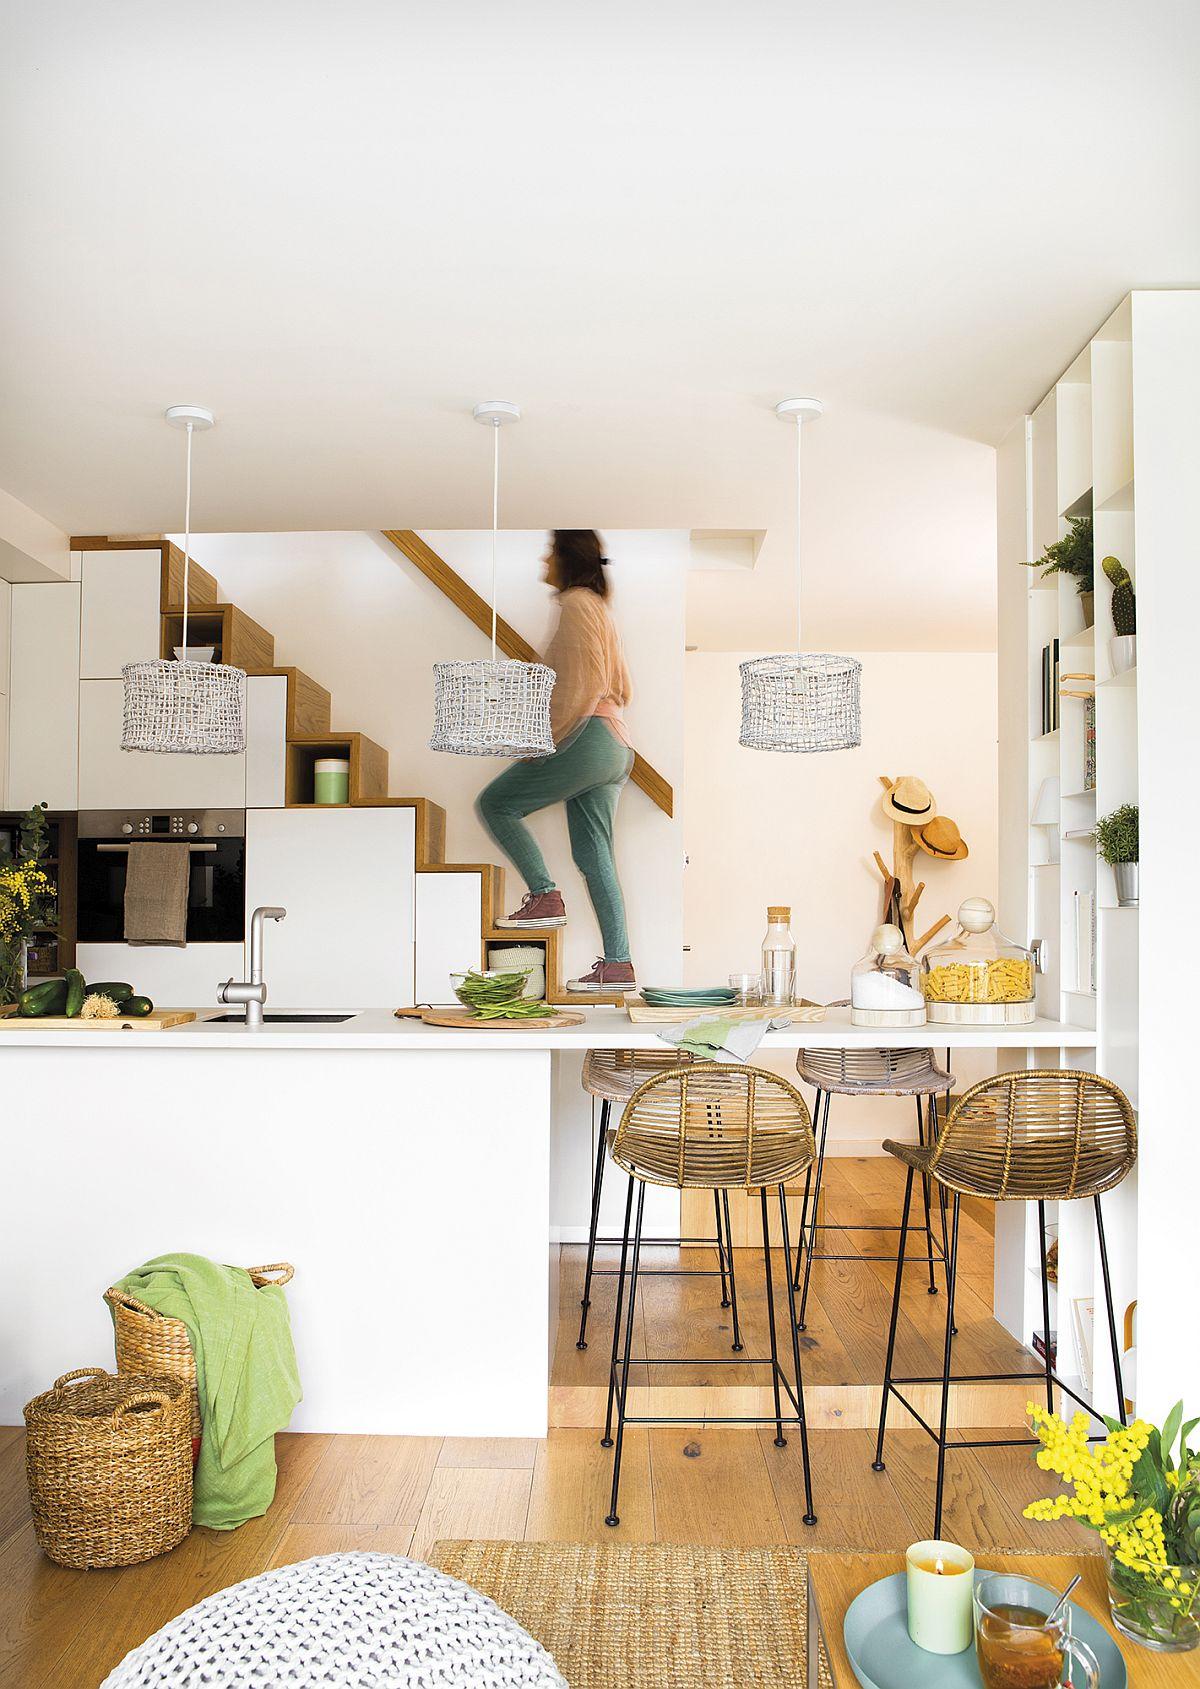 Accesul către etaj se face ușor, mâna curentă fiind poziționatp pe perete, iar către bucătărie spațiul a fost lăsat liber, fără balustradă.